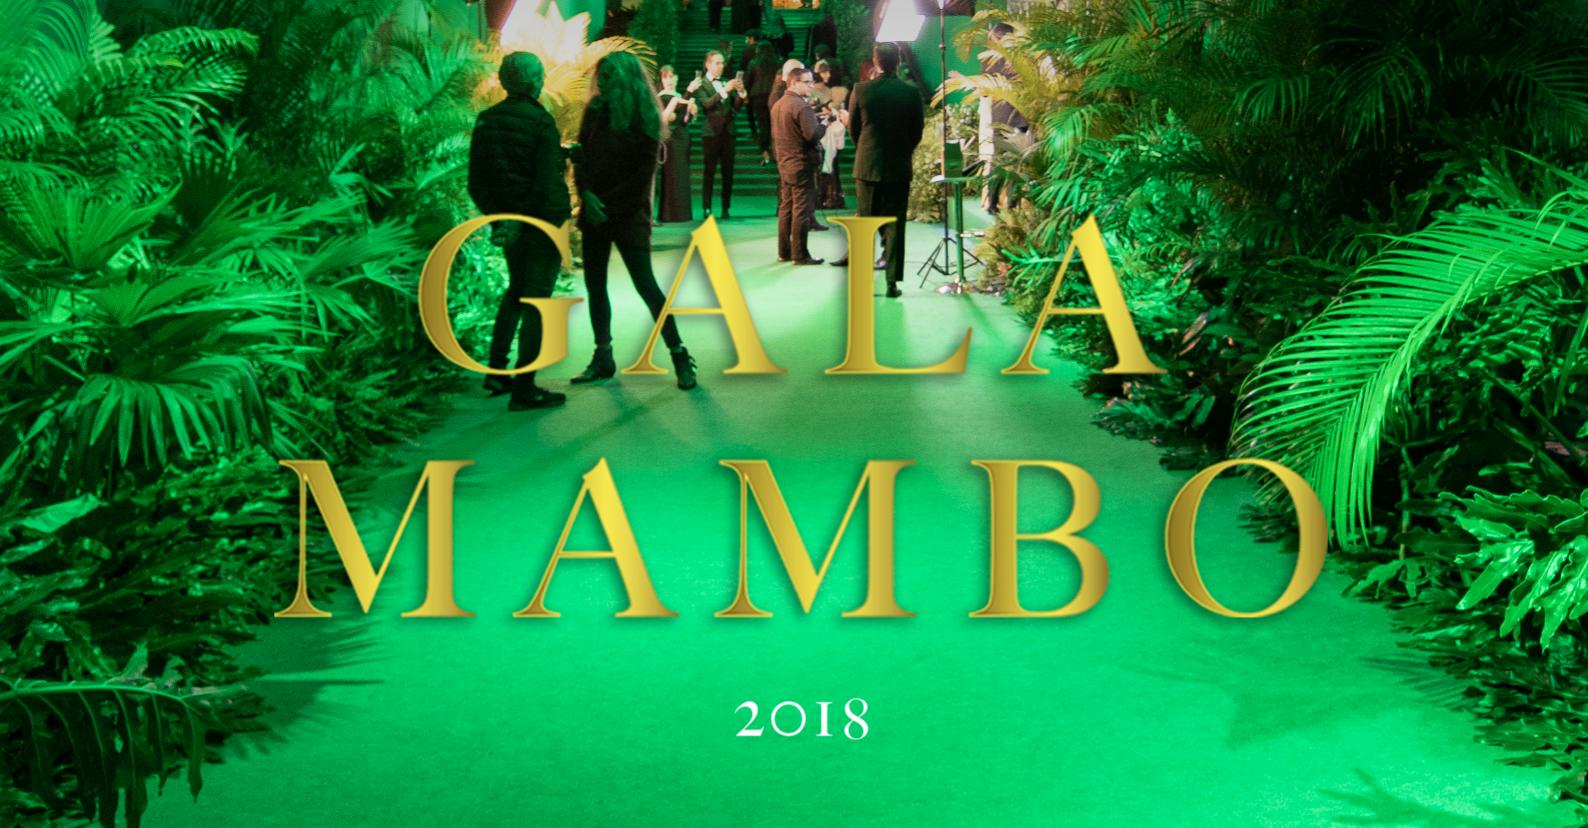 Gala MAMBO 2018